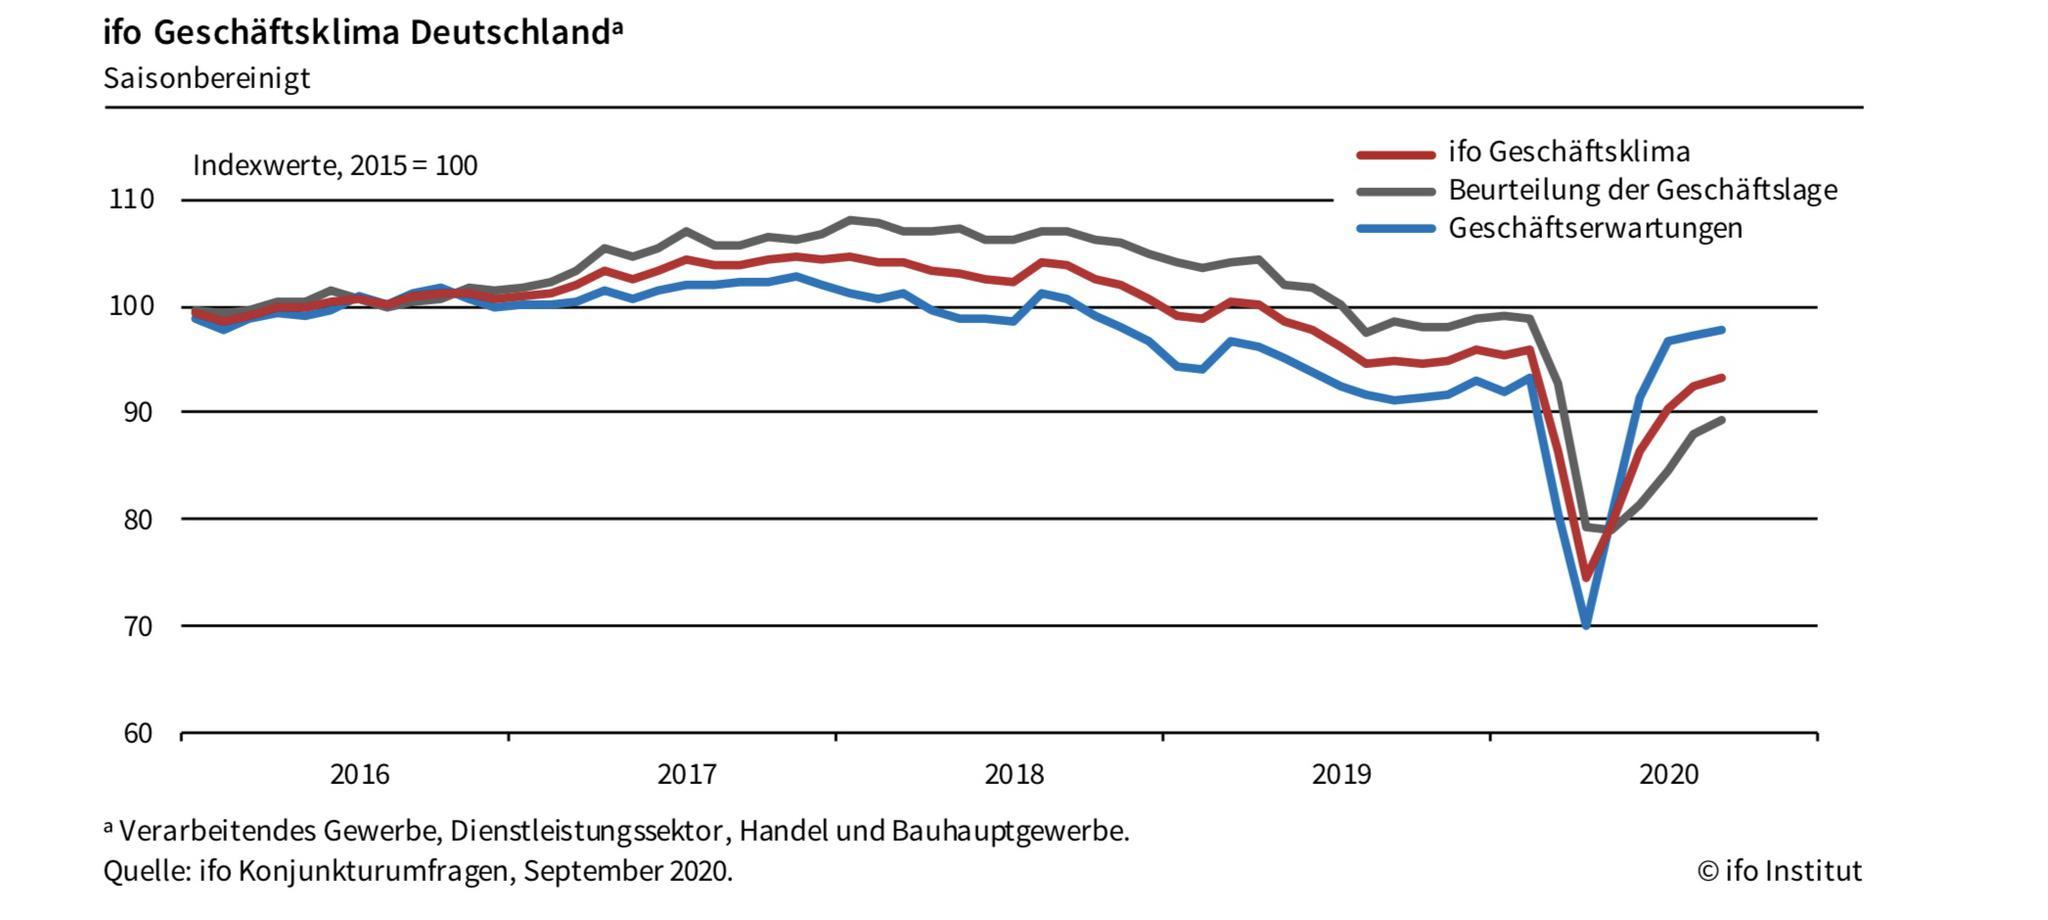 德国9月商业景气指数环比上升 三行业指标上涨明显